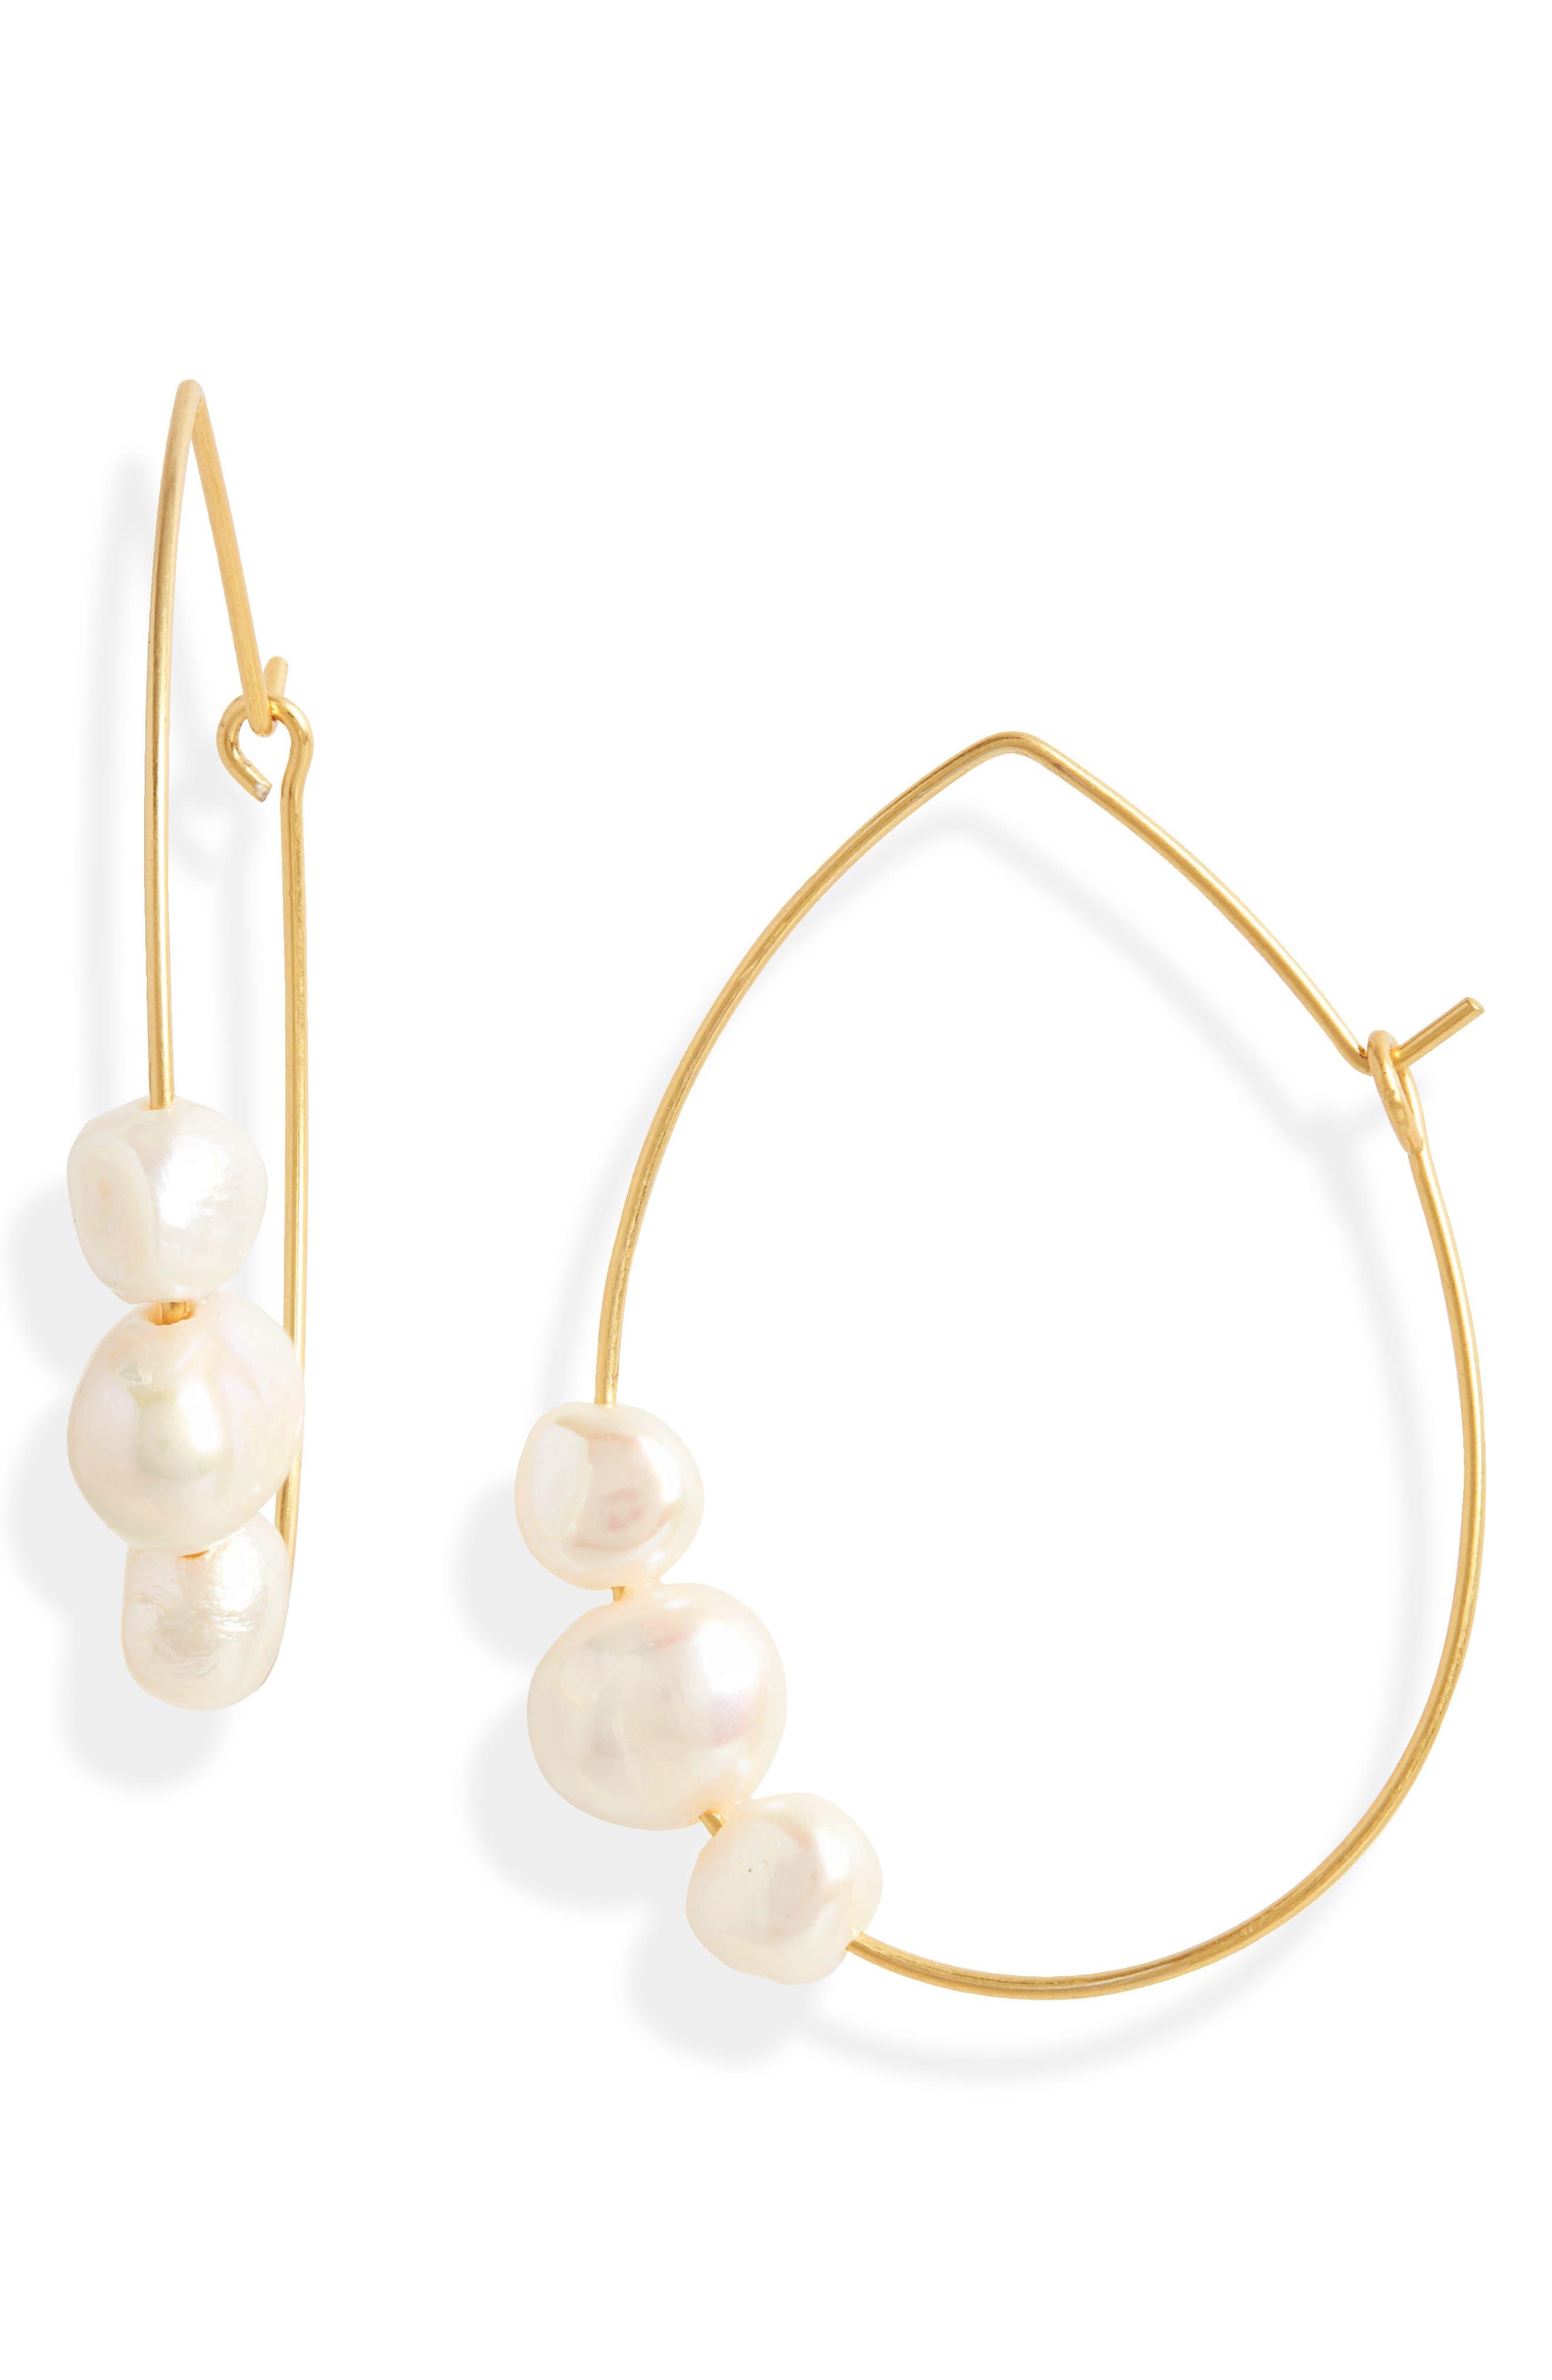 Women Chic Pearl Ear Cuff Beads Stud Earrings Gold Plated Drop Earings